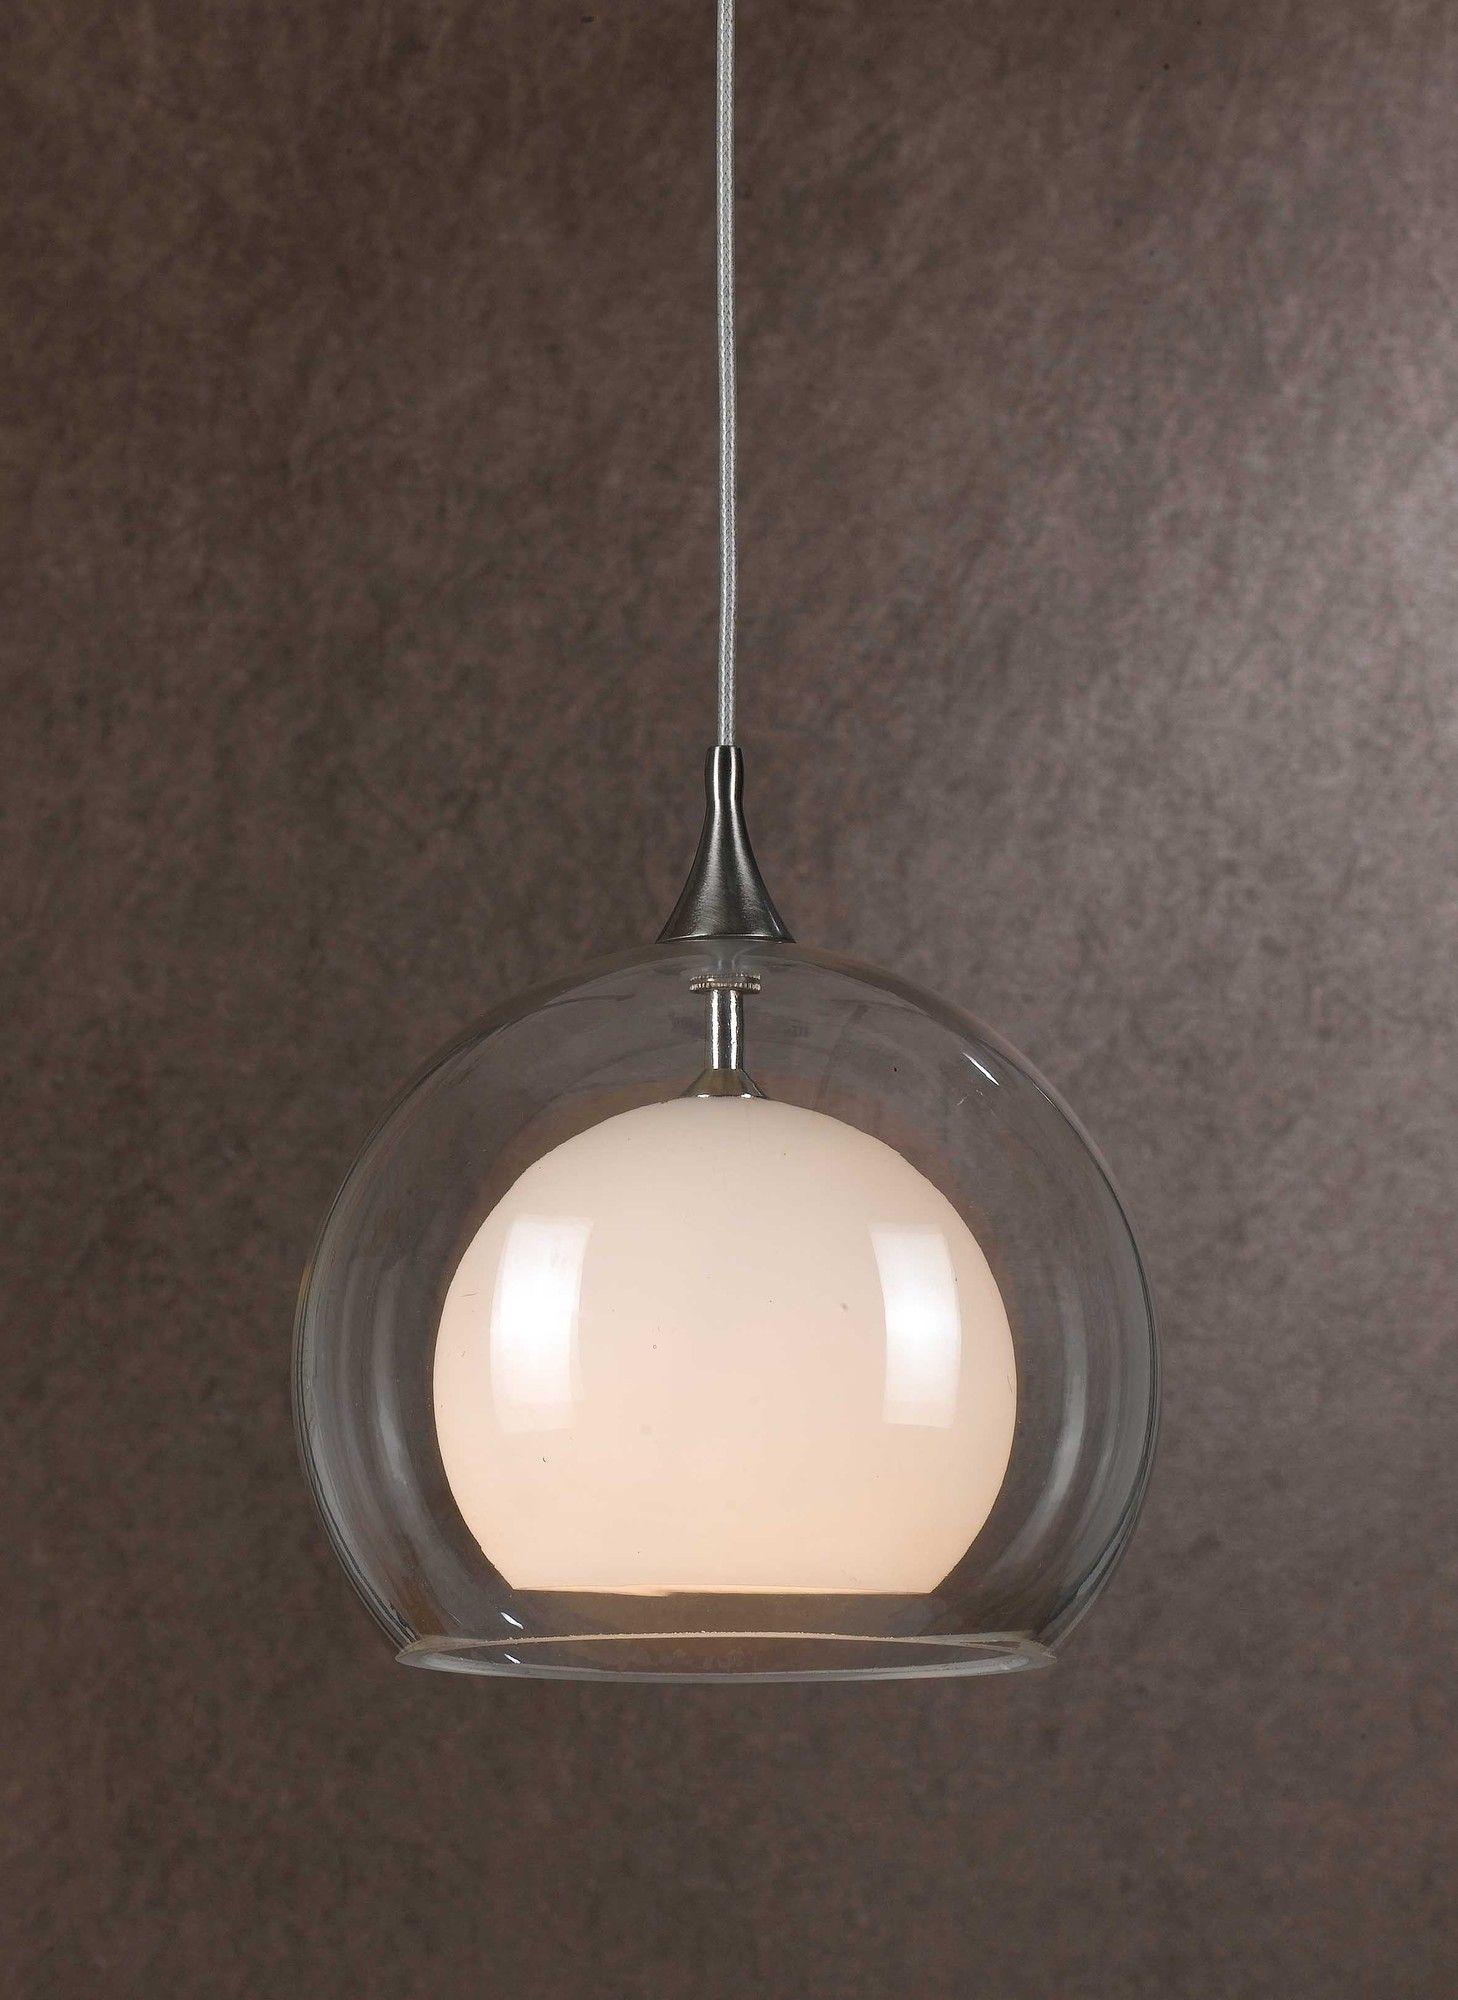 4 Light Lantern Square Rectangle Pendant White Pendant Light